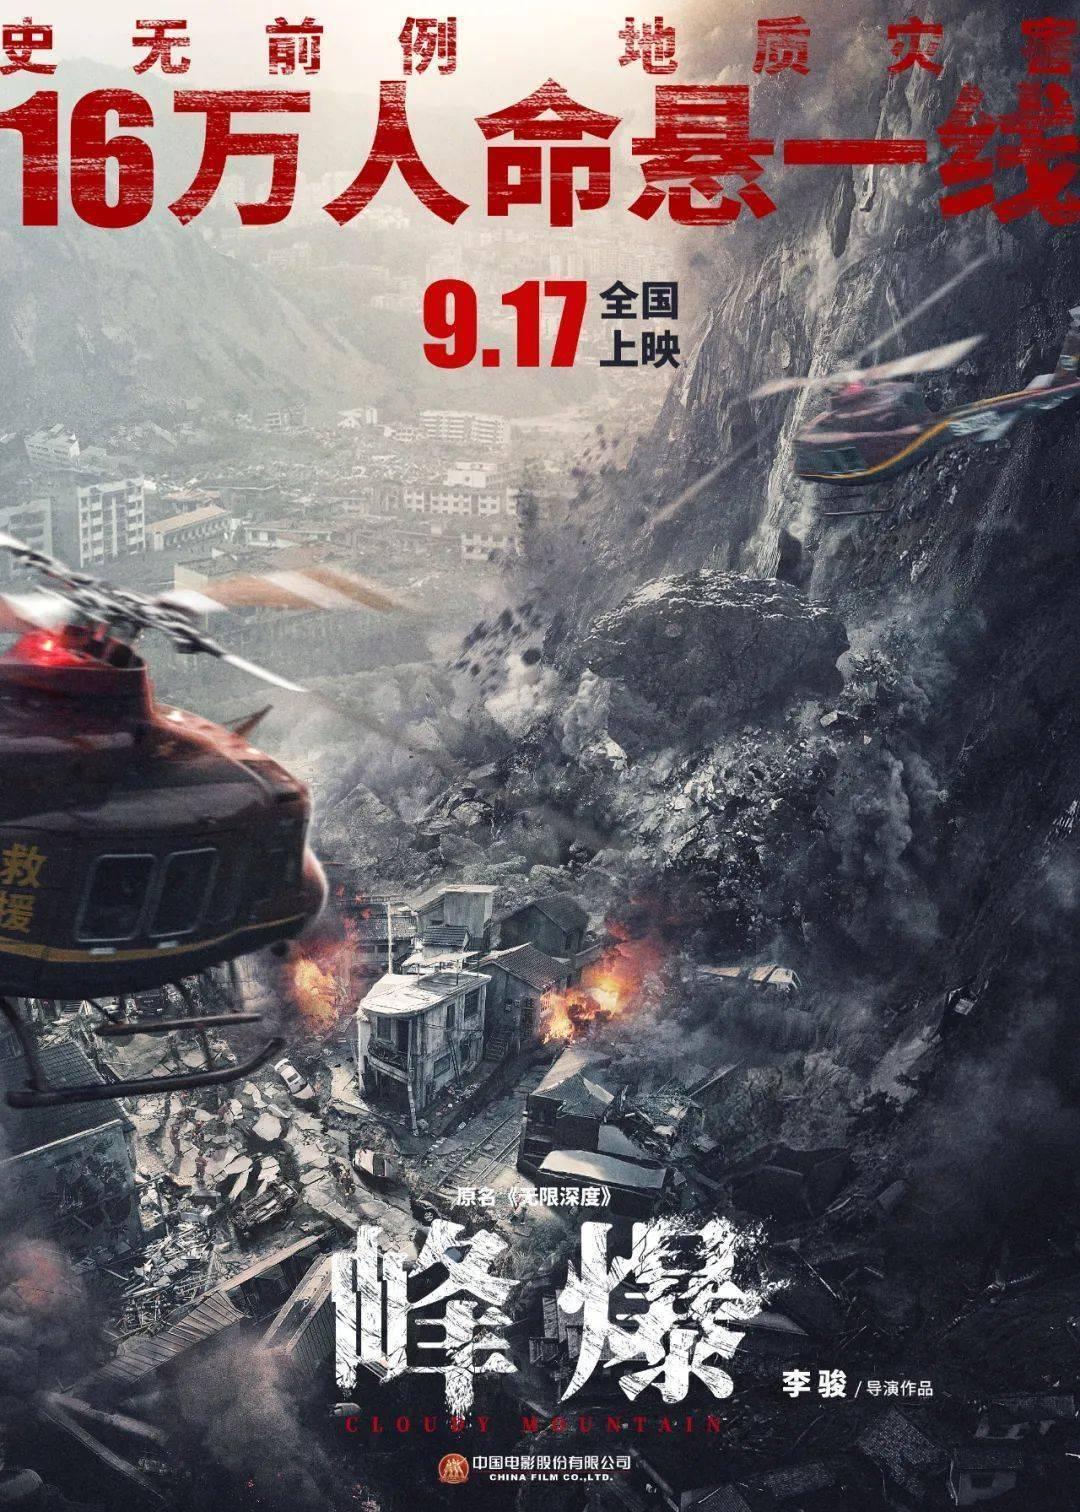 (峰爆)电影百度云网盘【1080P已更新】中字资源已完结